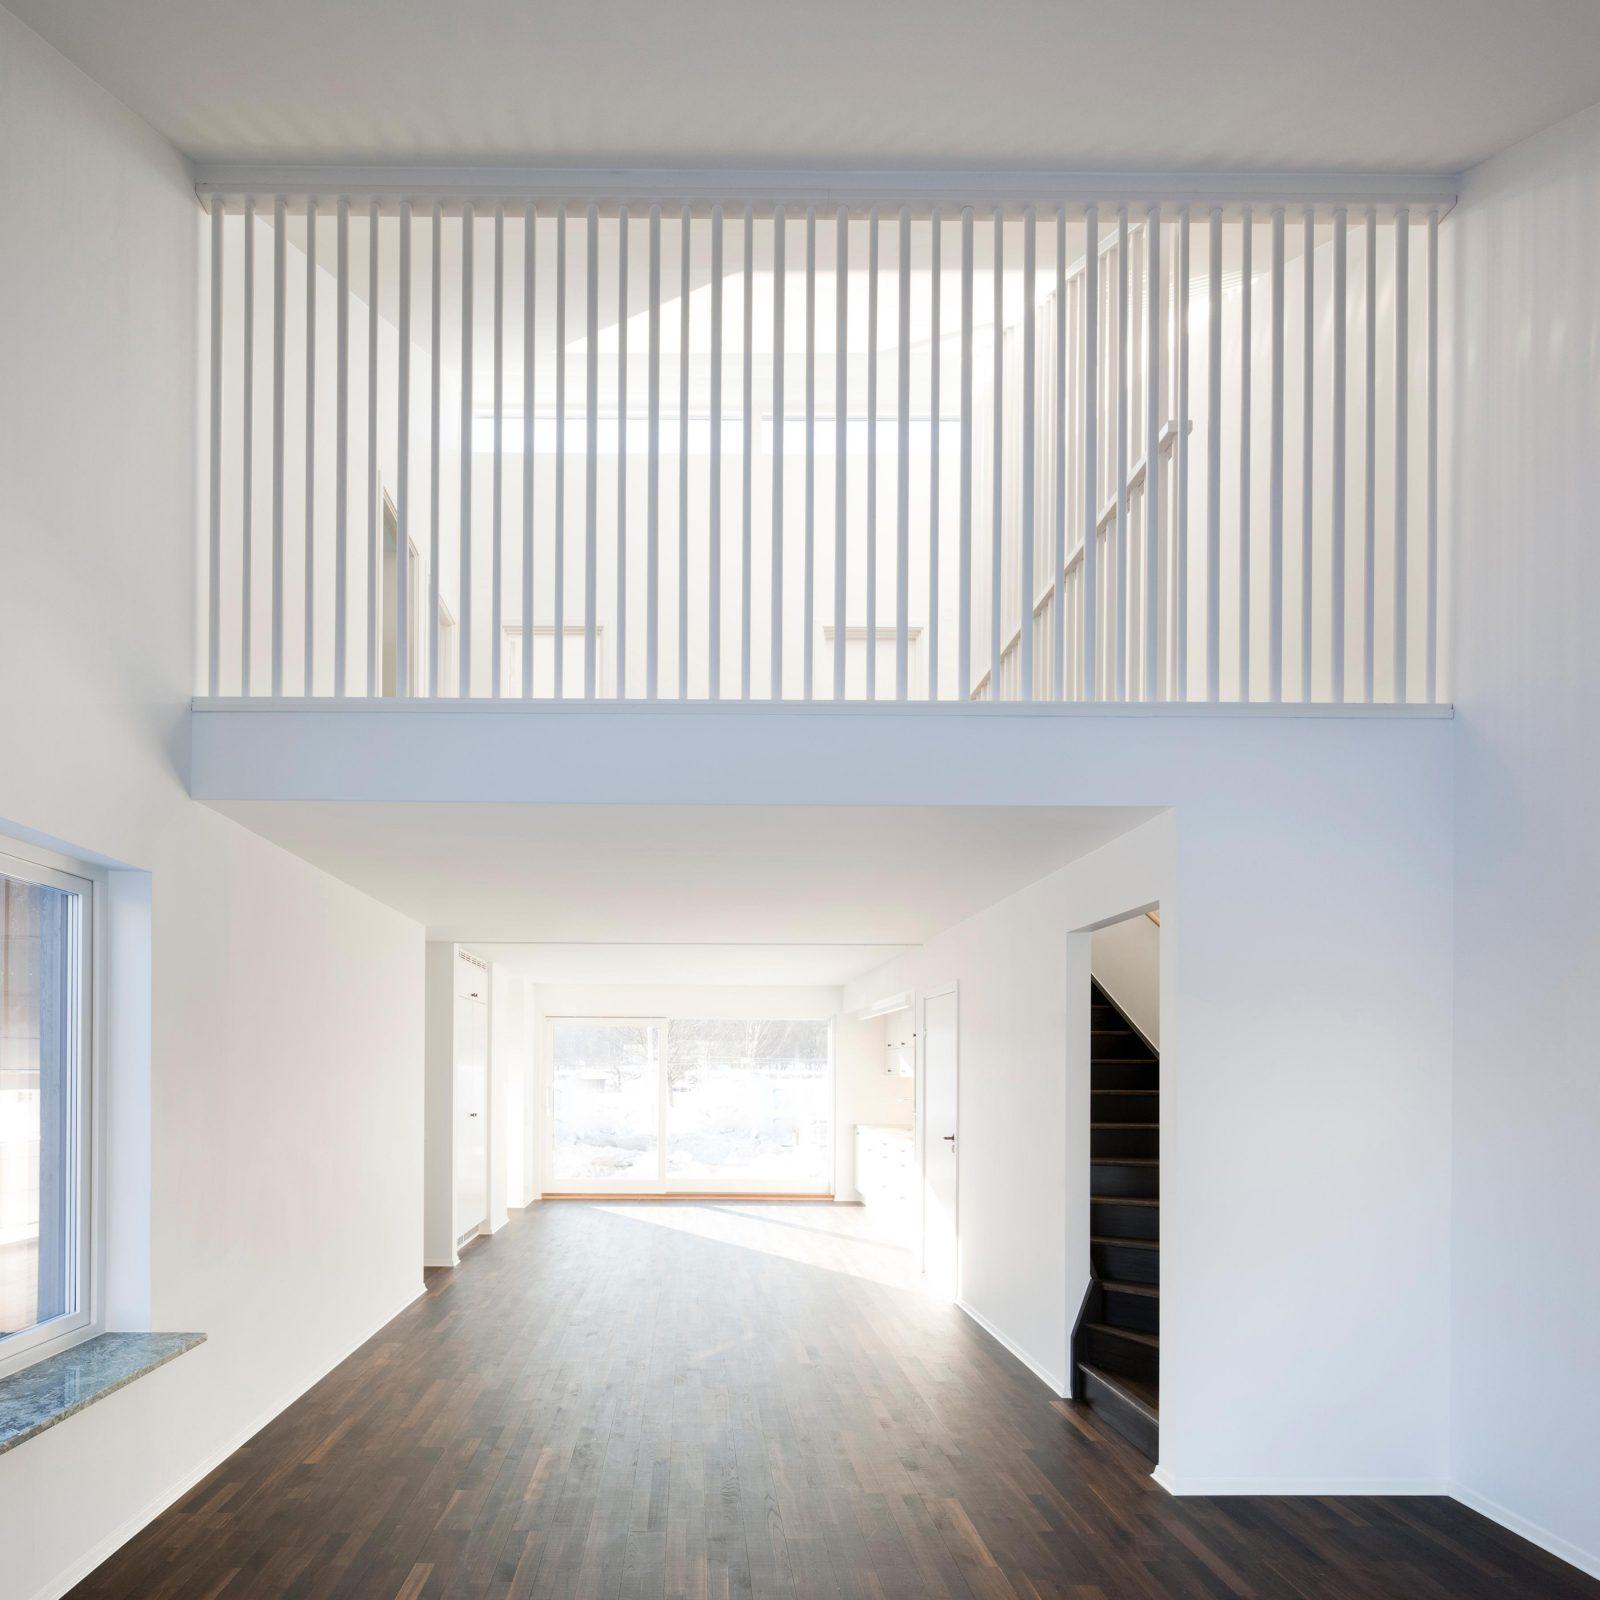 KjellanderSjoberg Sparsamheten interior02